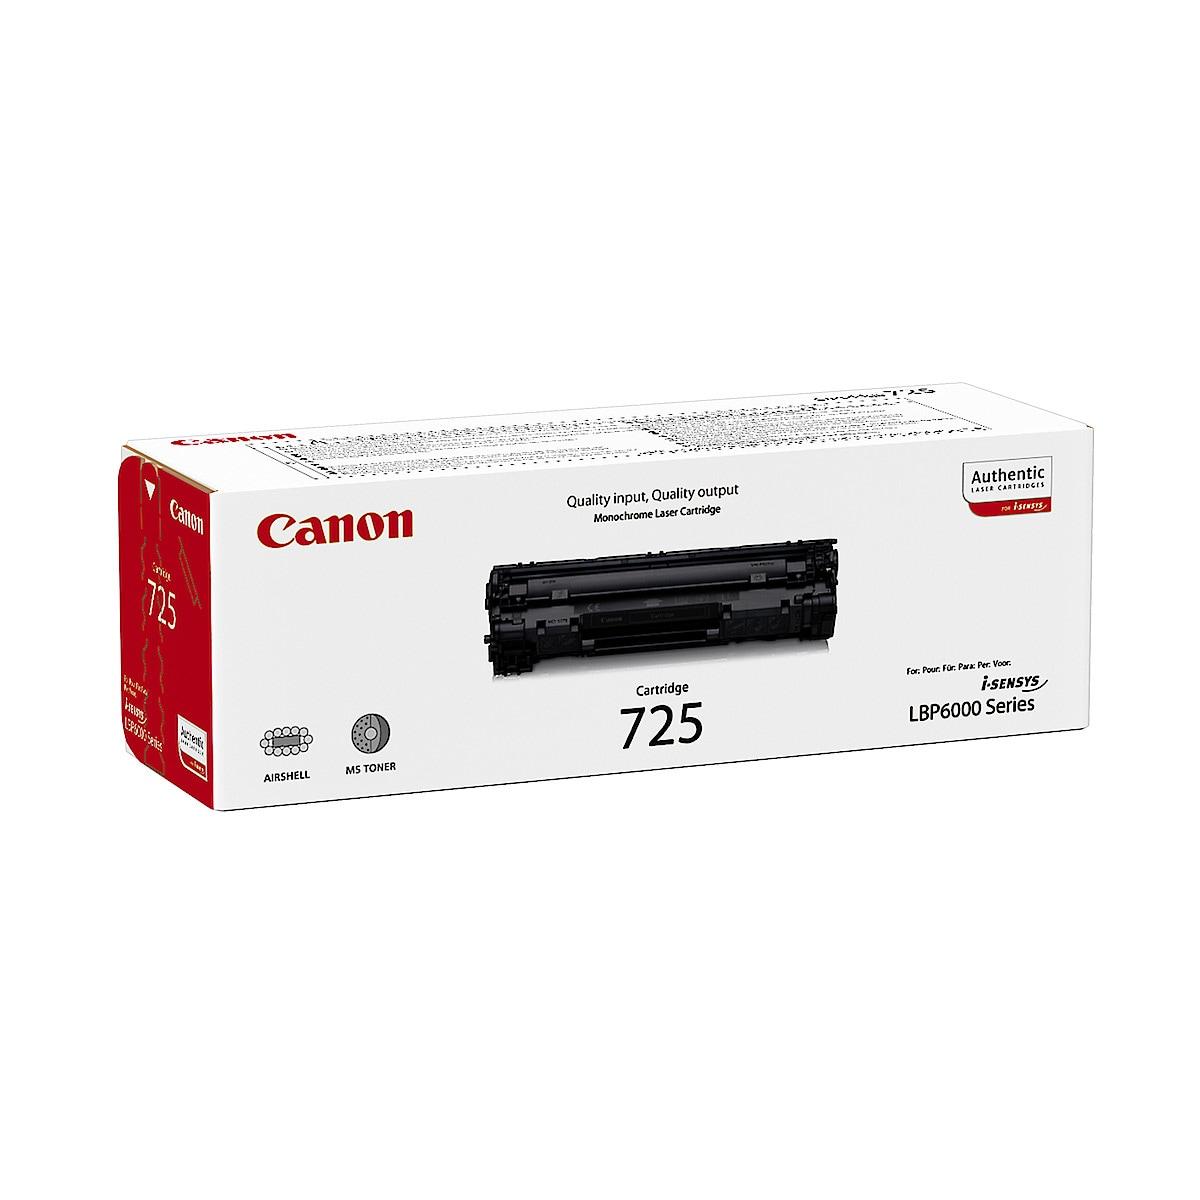 Canon CRG 725 toner